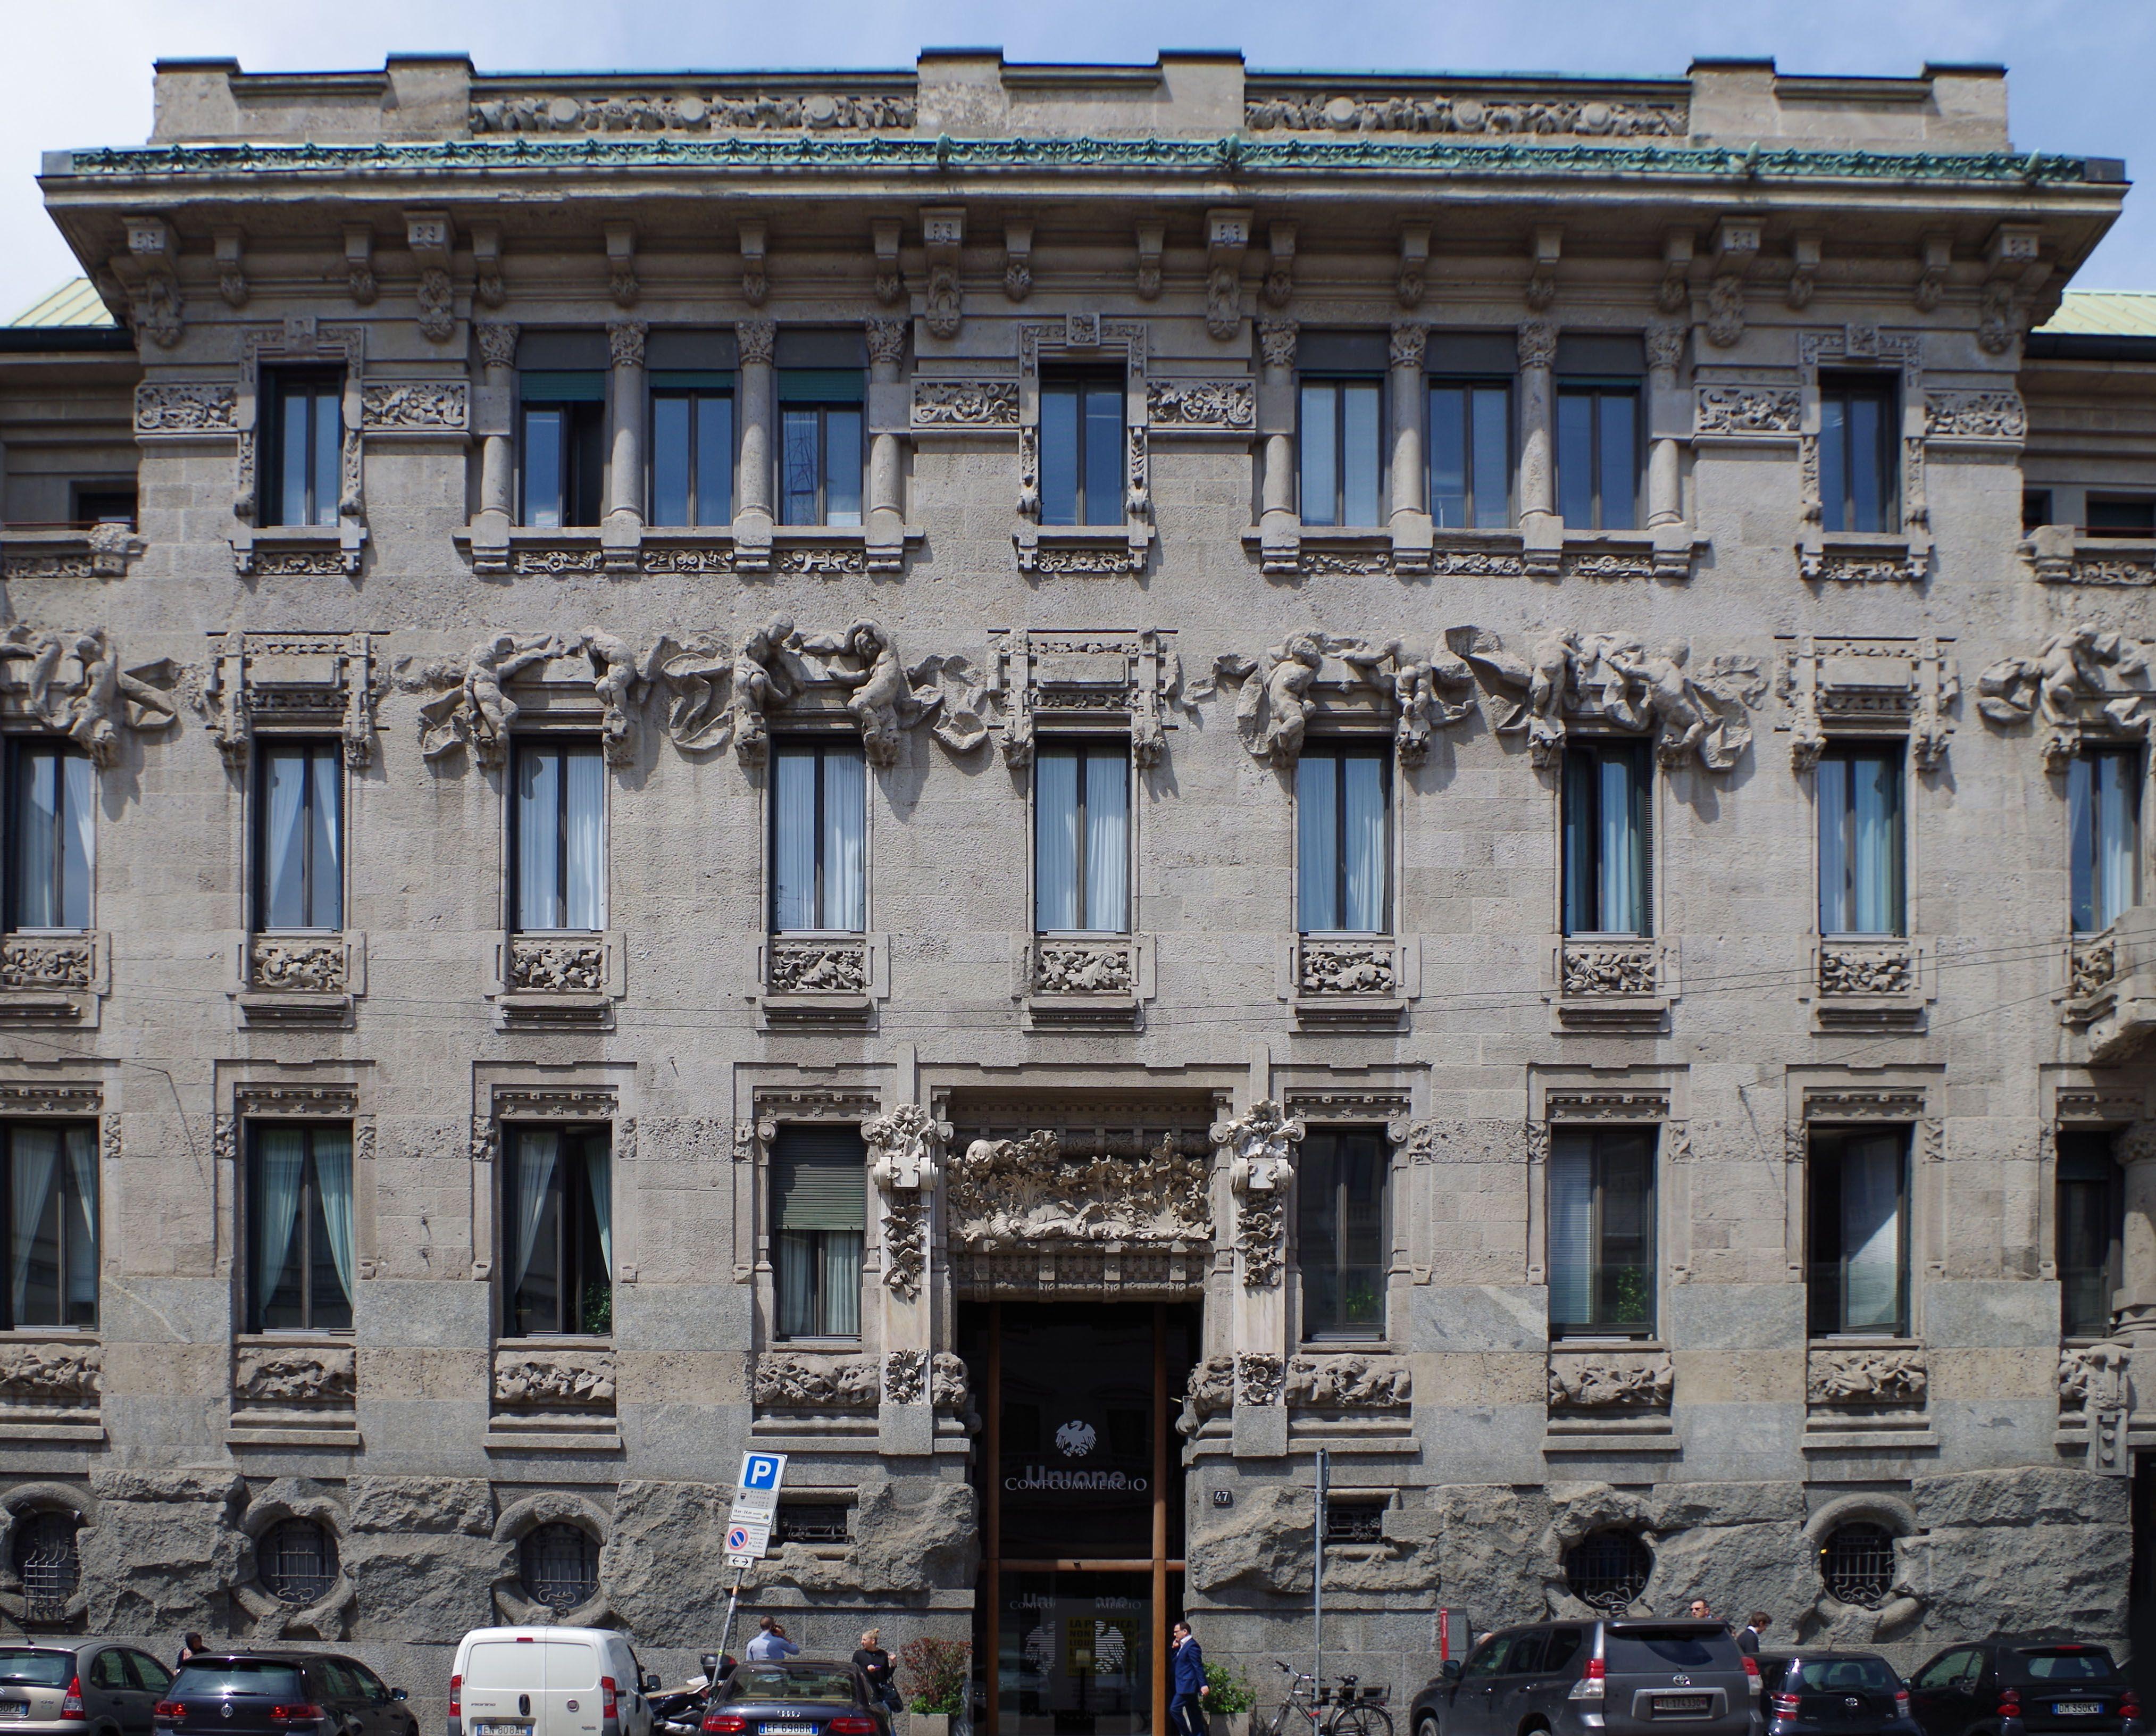 Giuseppe Sommaruga Palazzo Castiglioni in Milán 1903 Stile Floreale Architettura Italiana